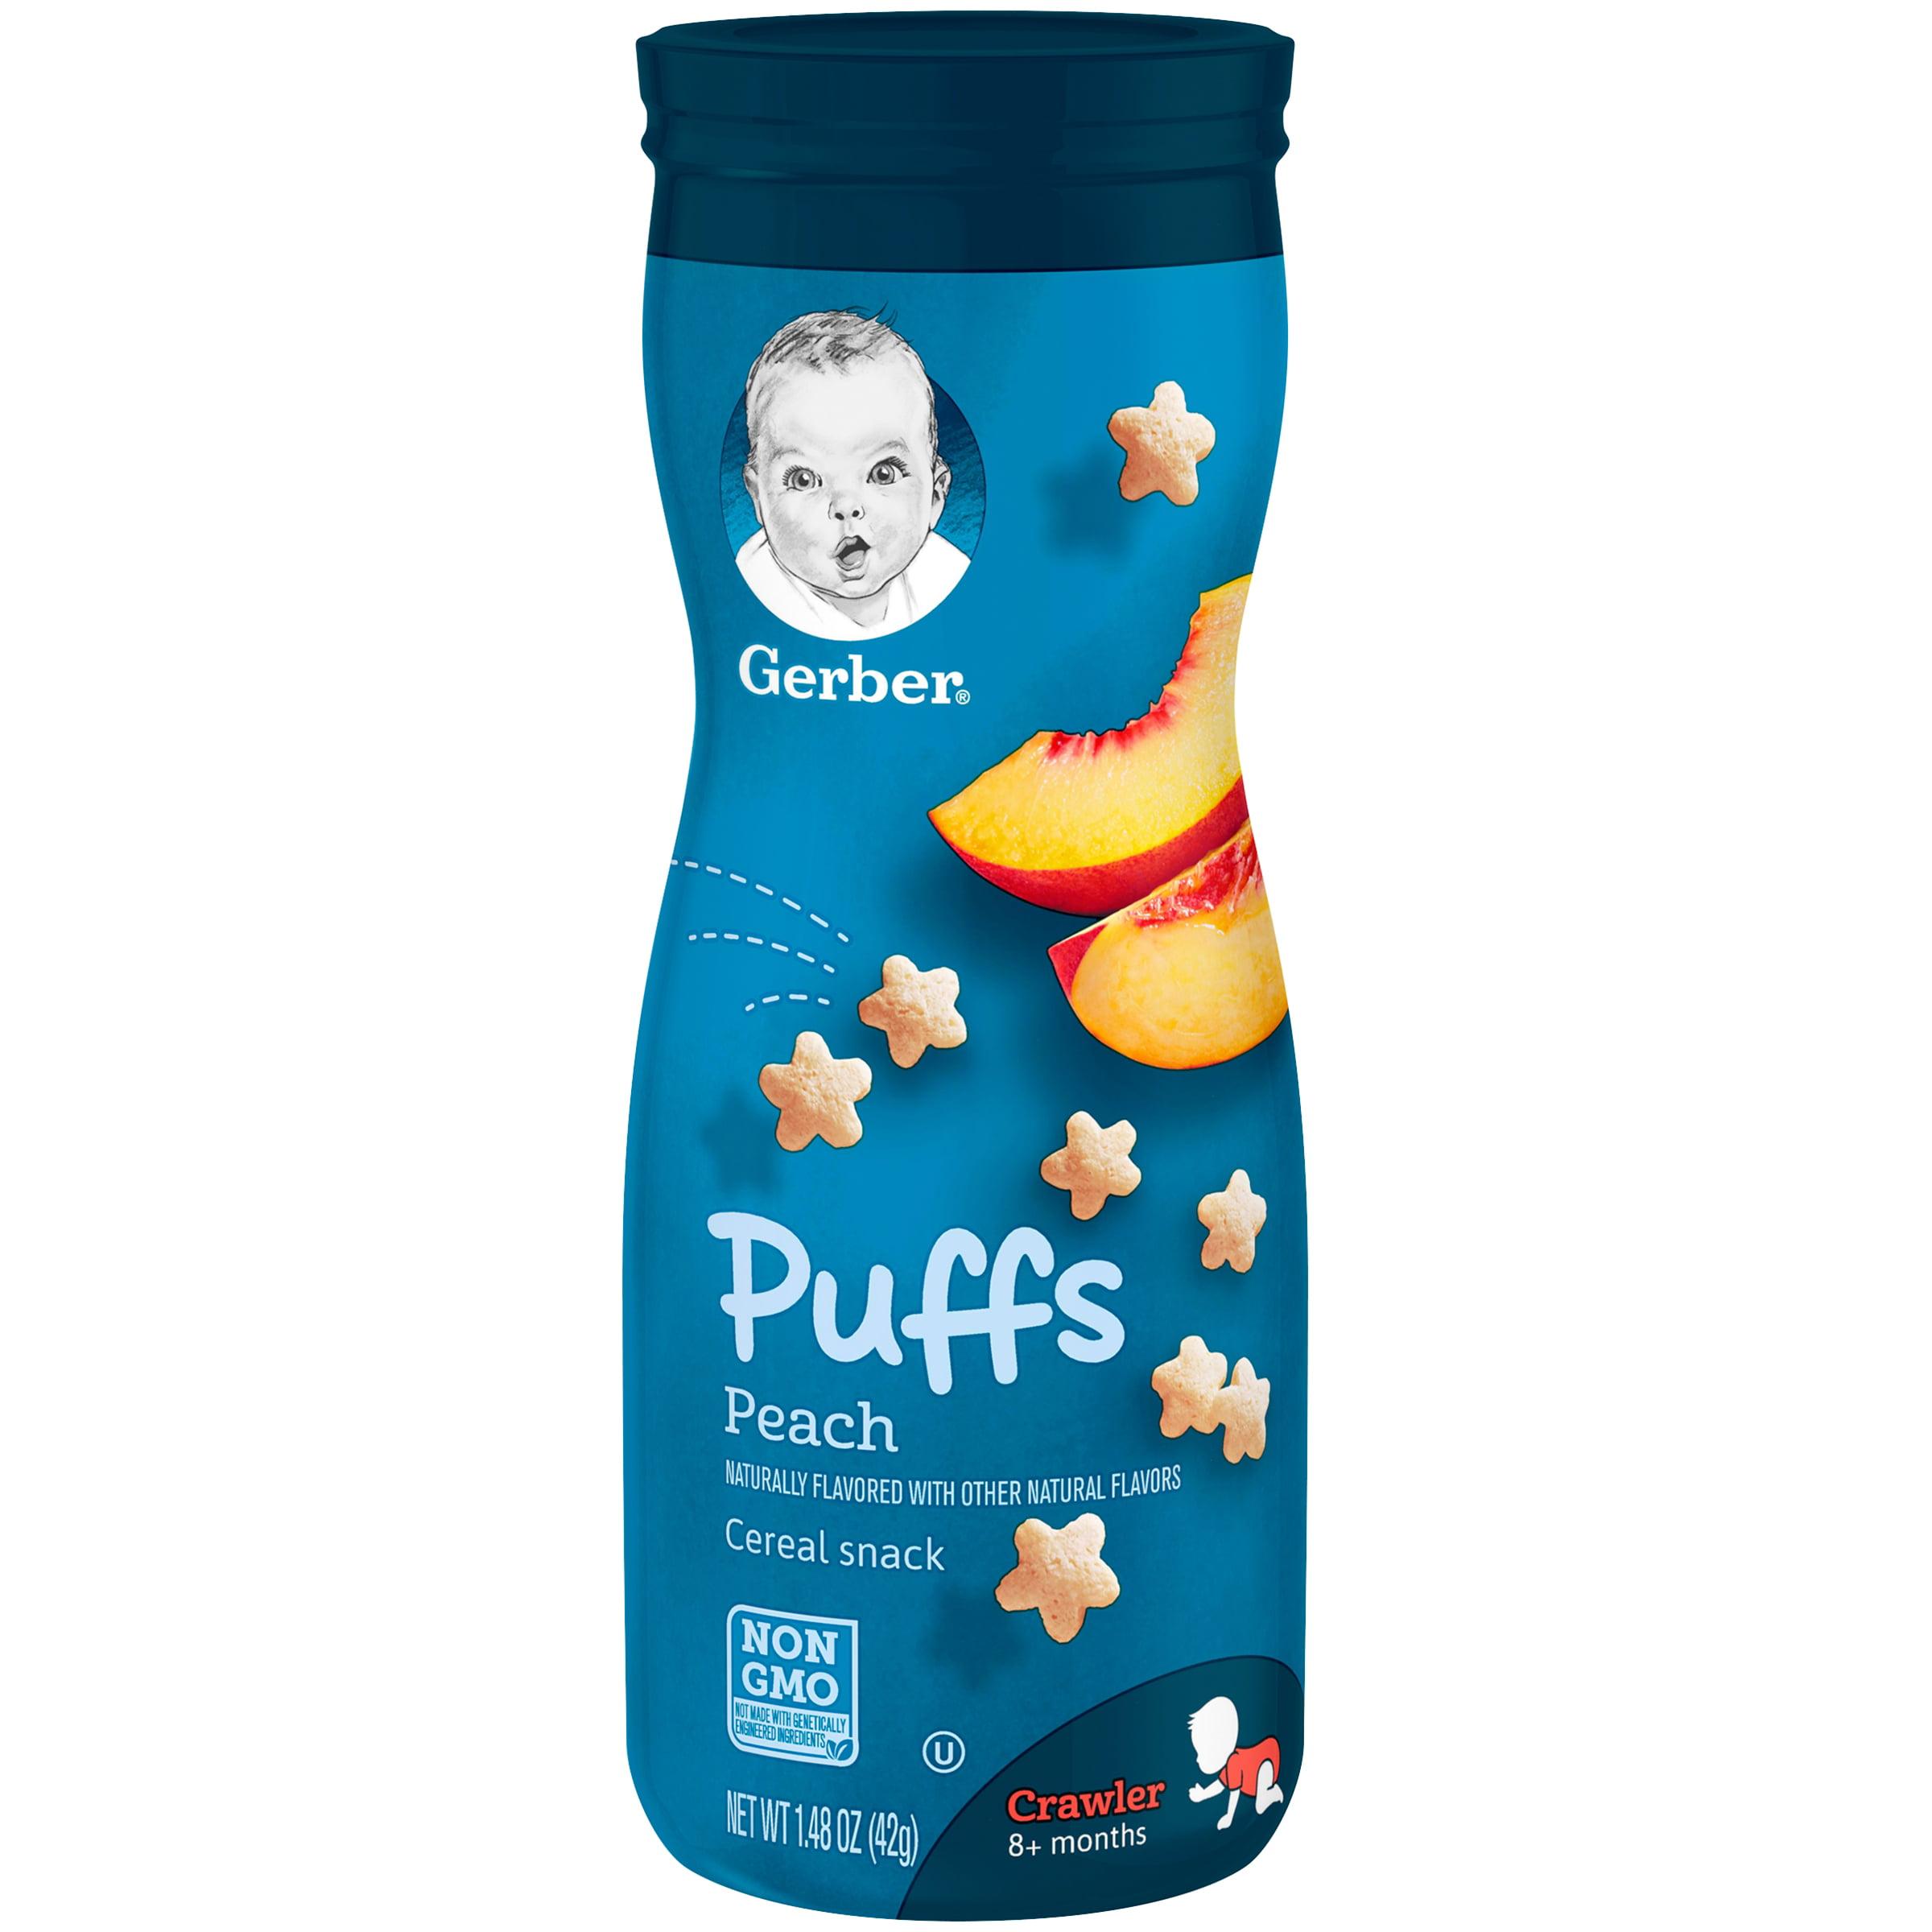 Gerber Puffs Peach, 1.48 oz Canister